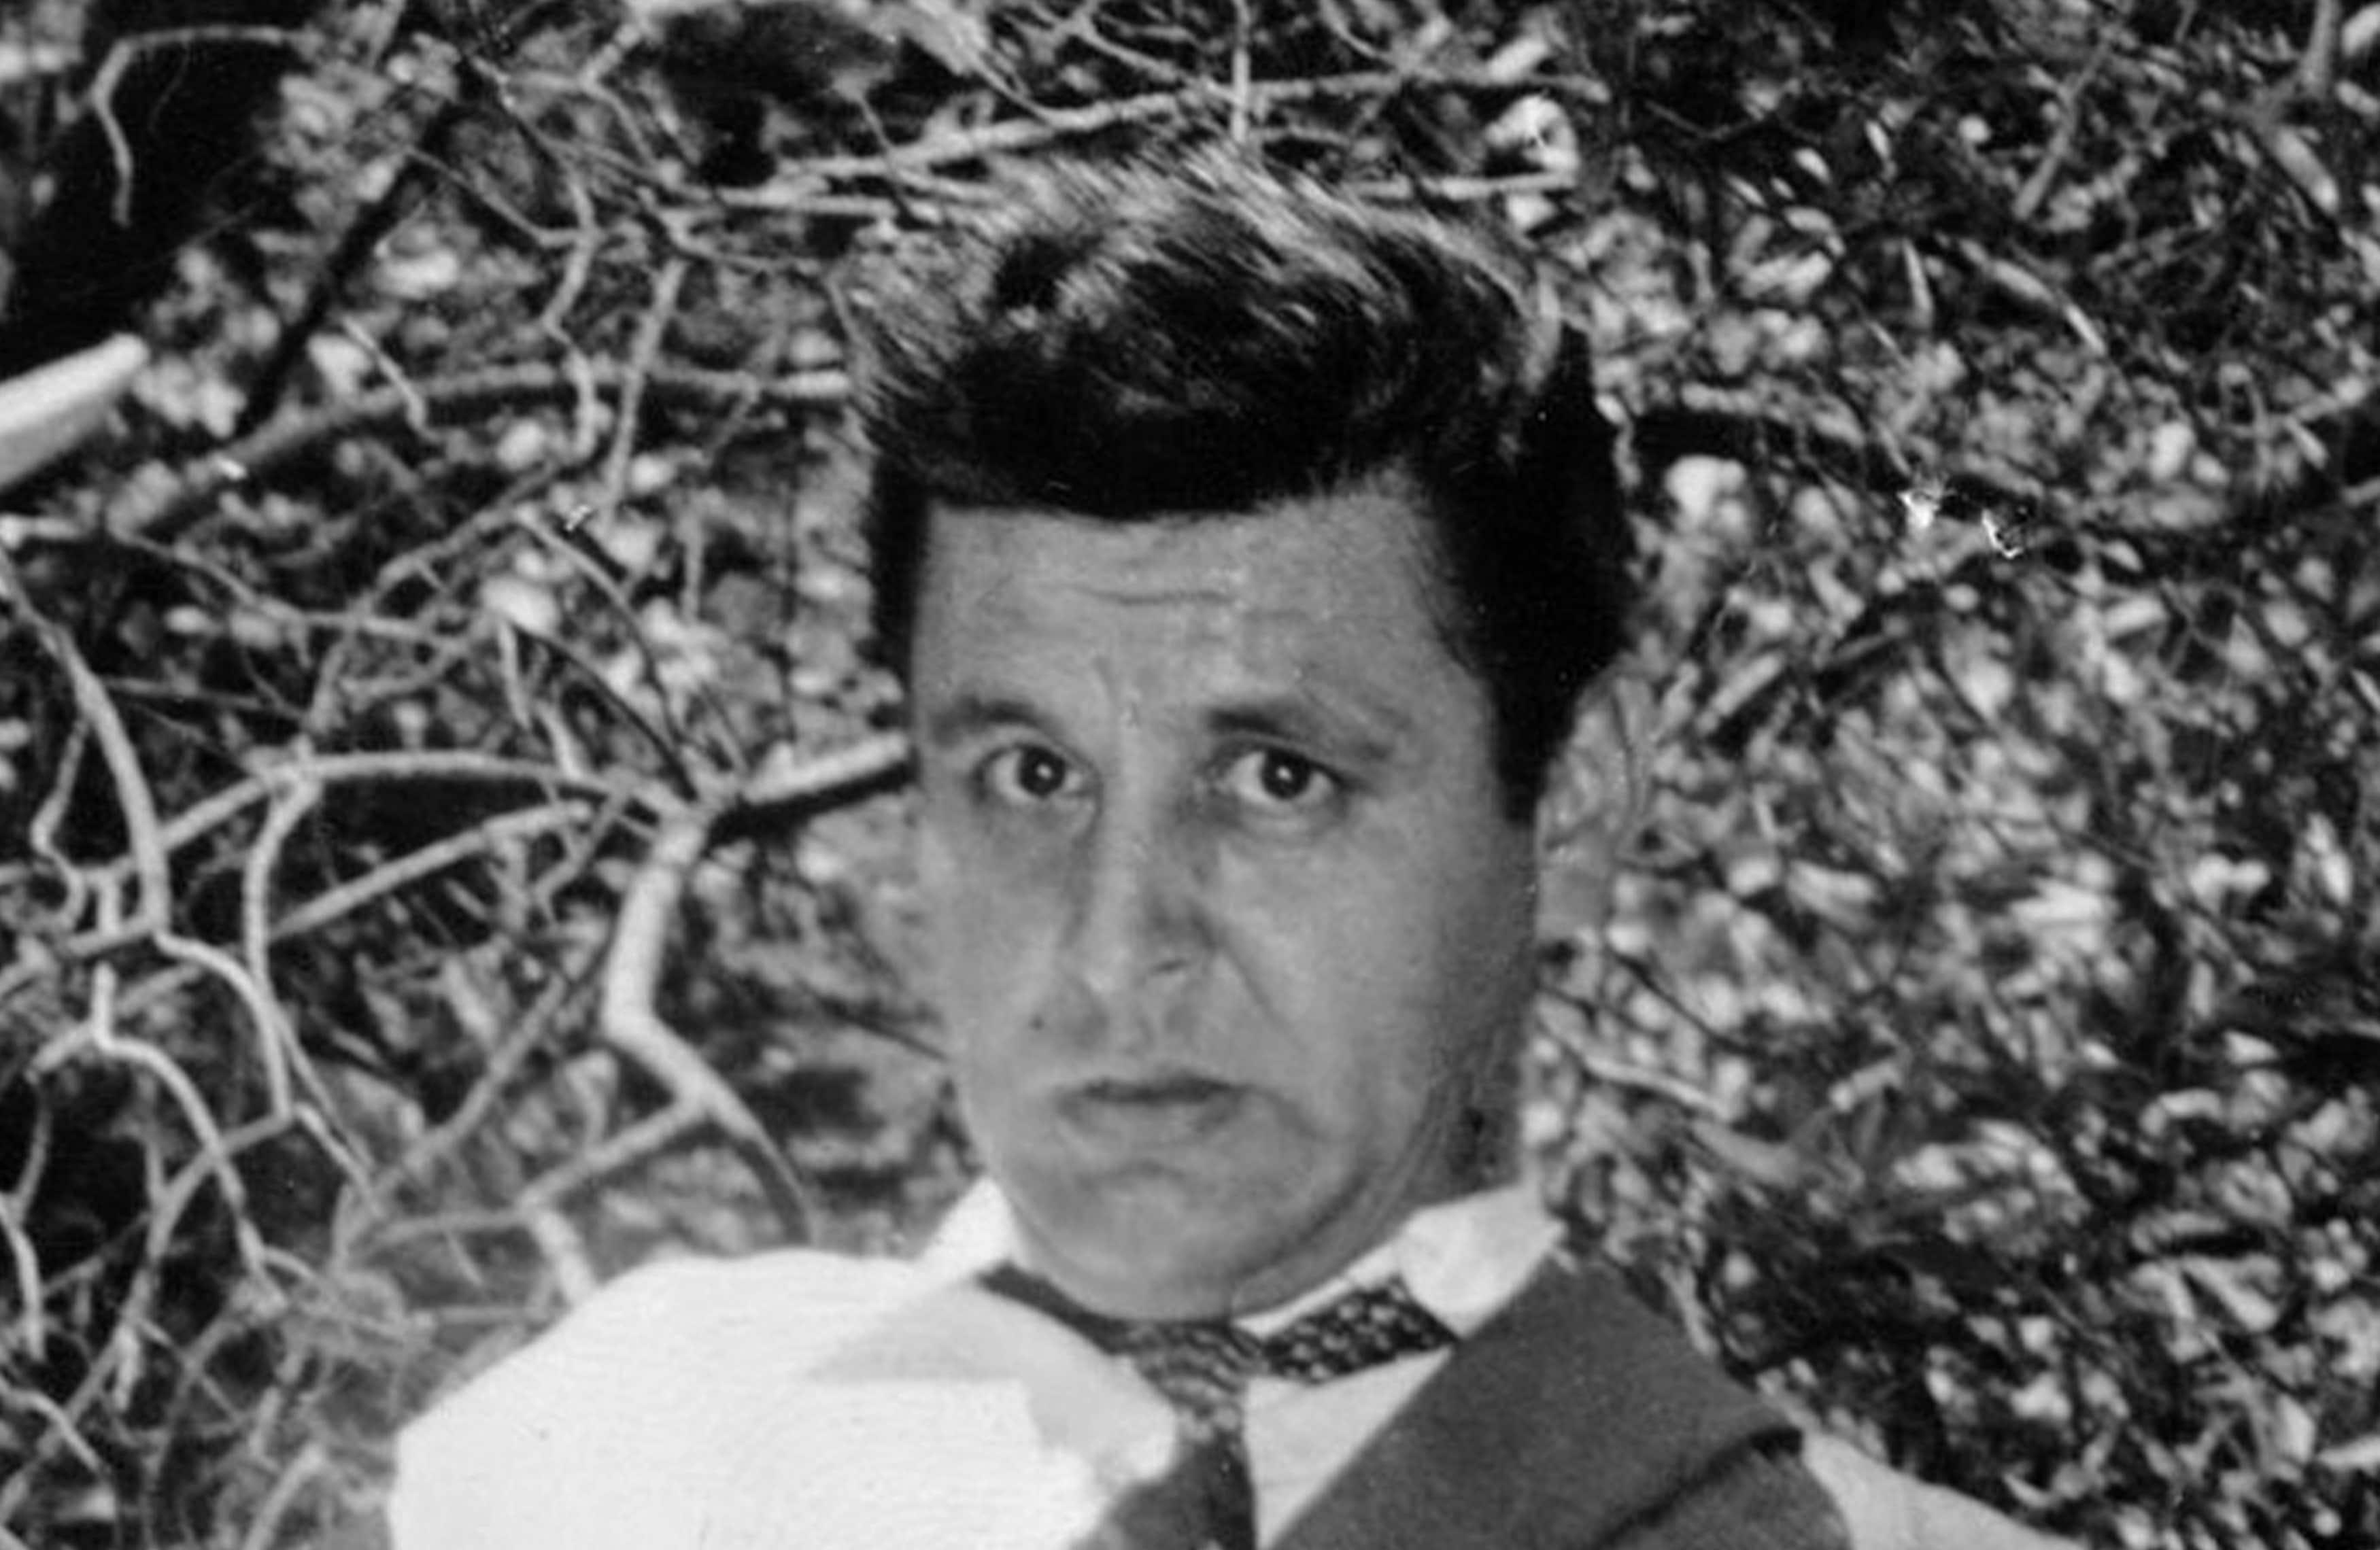 Paul Dubov